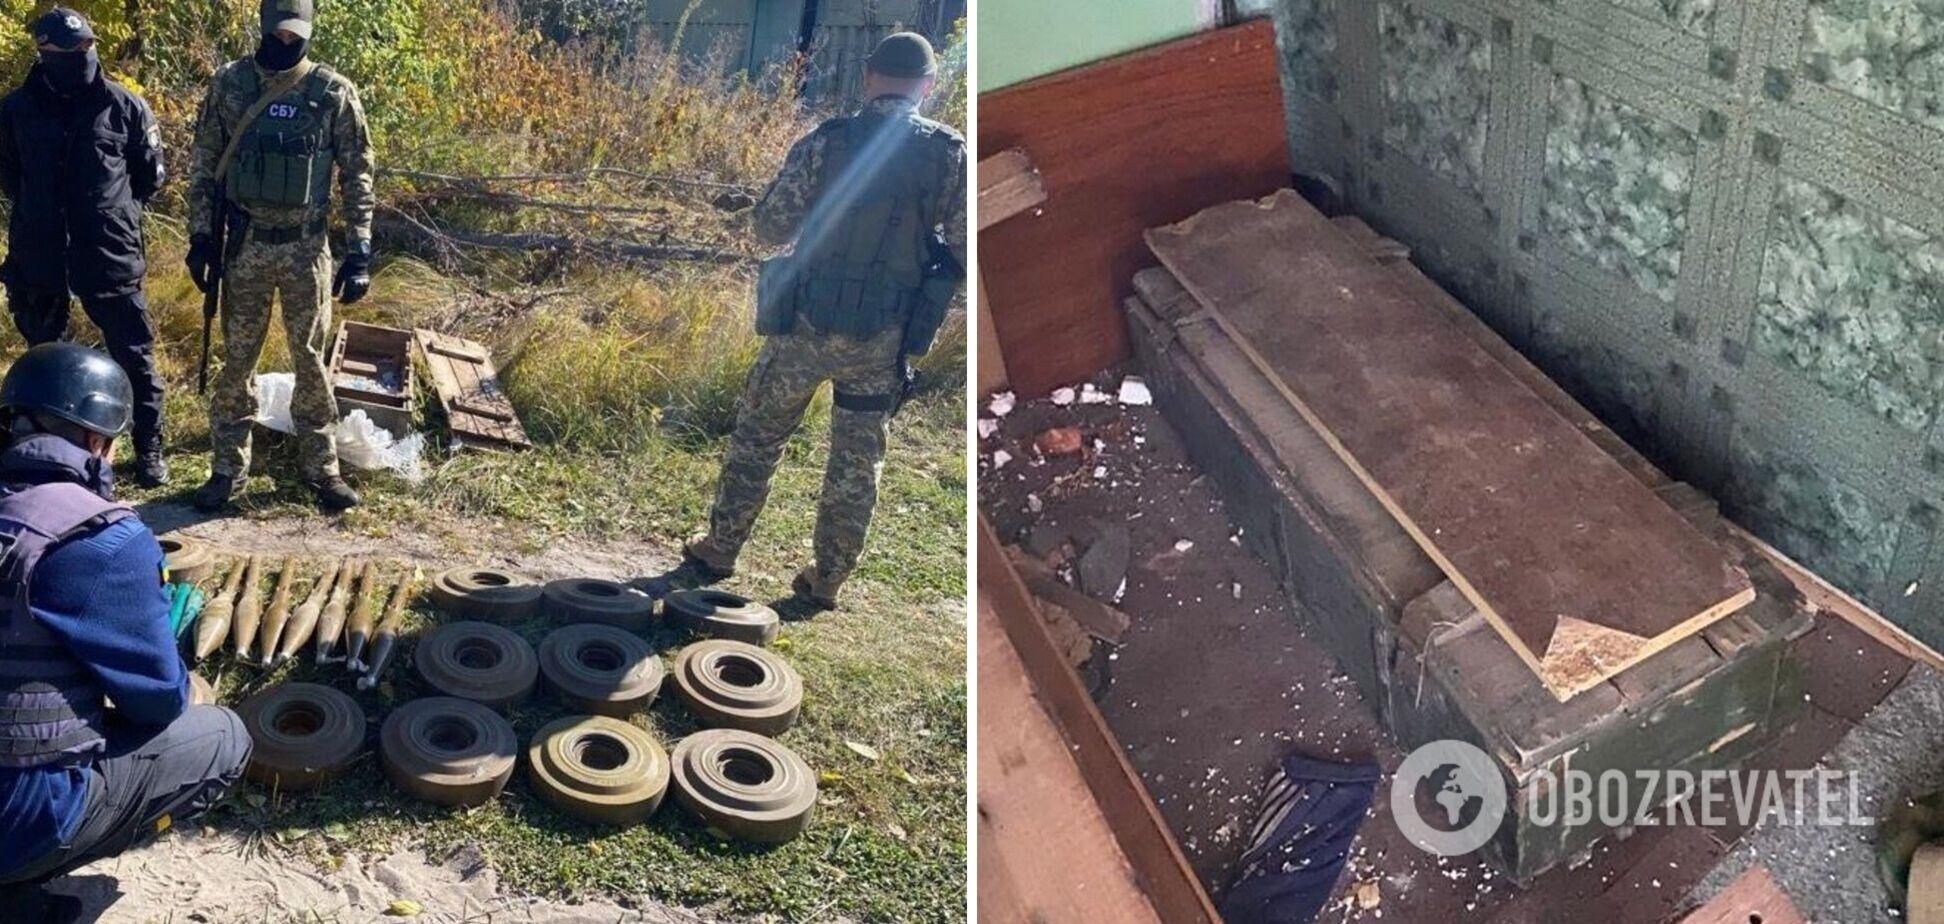 СБУ выявила на Луганщине схрон боевиков 'ЛНР' с минами и гранатами. Фото